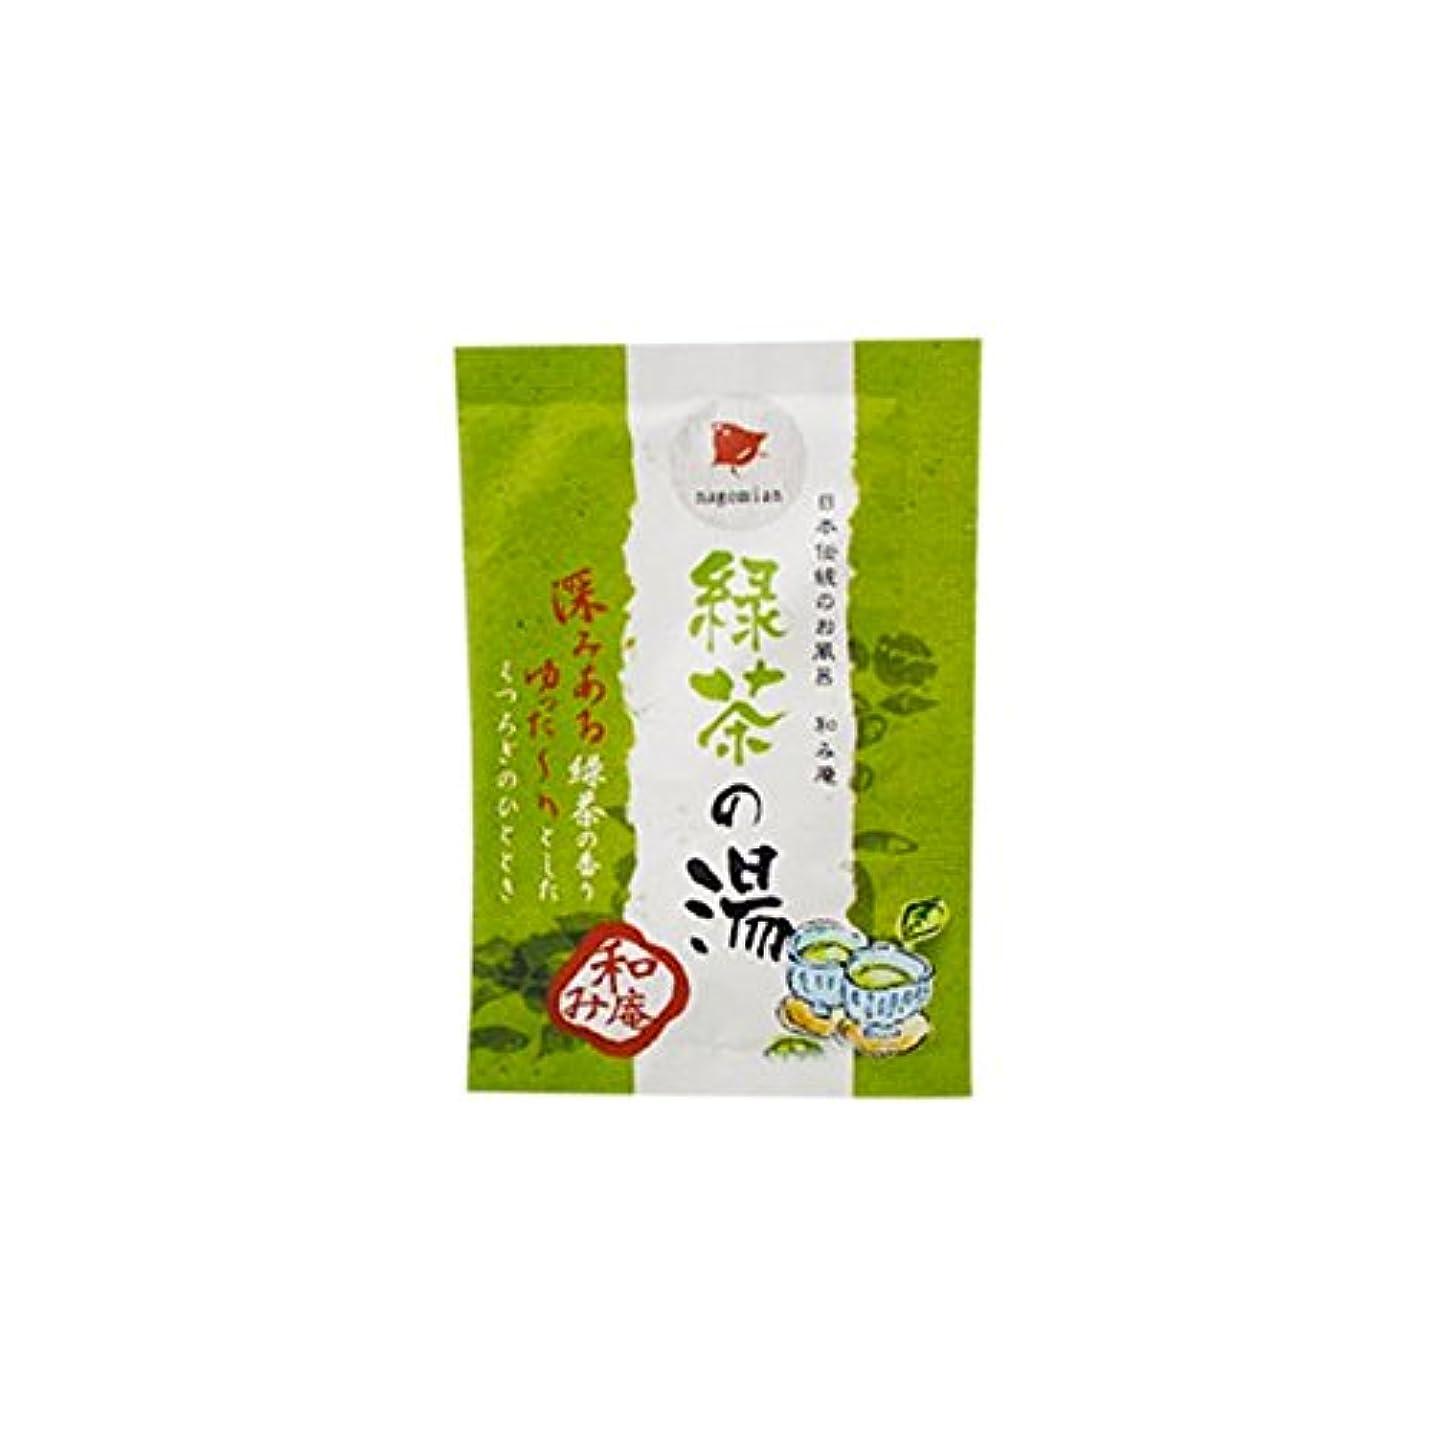 著名なピアニスト湿地和み庵 入浴剤 「緑茶の湯」30個